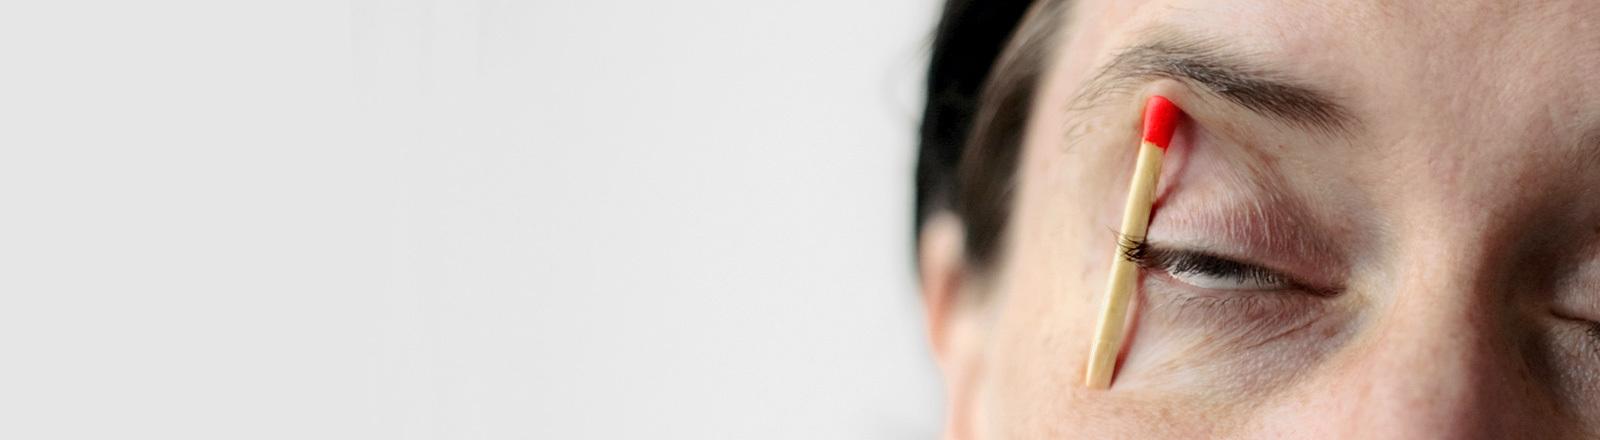 Eine Frau hat sich ein Streichholz unter die rechte Augenbraue geklemmt.